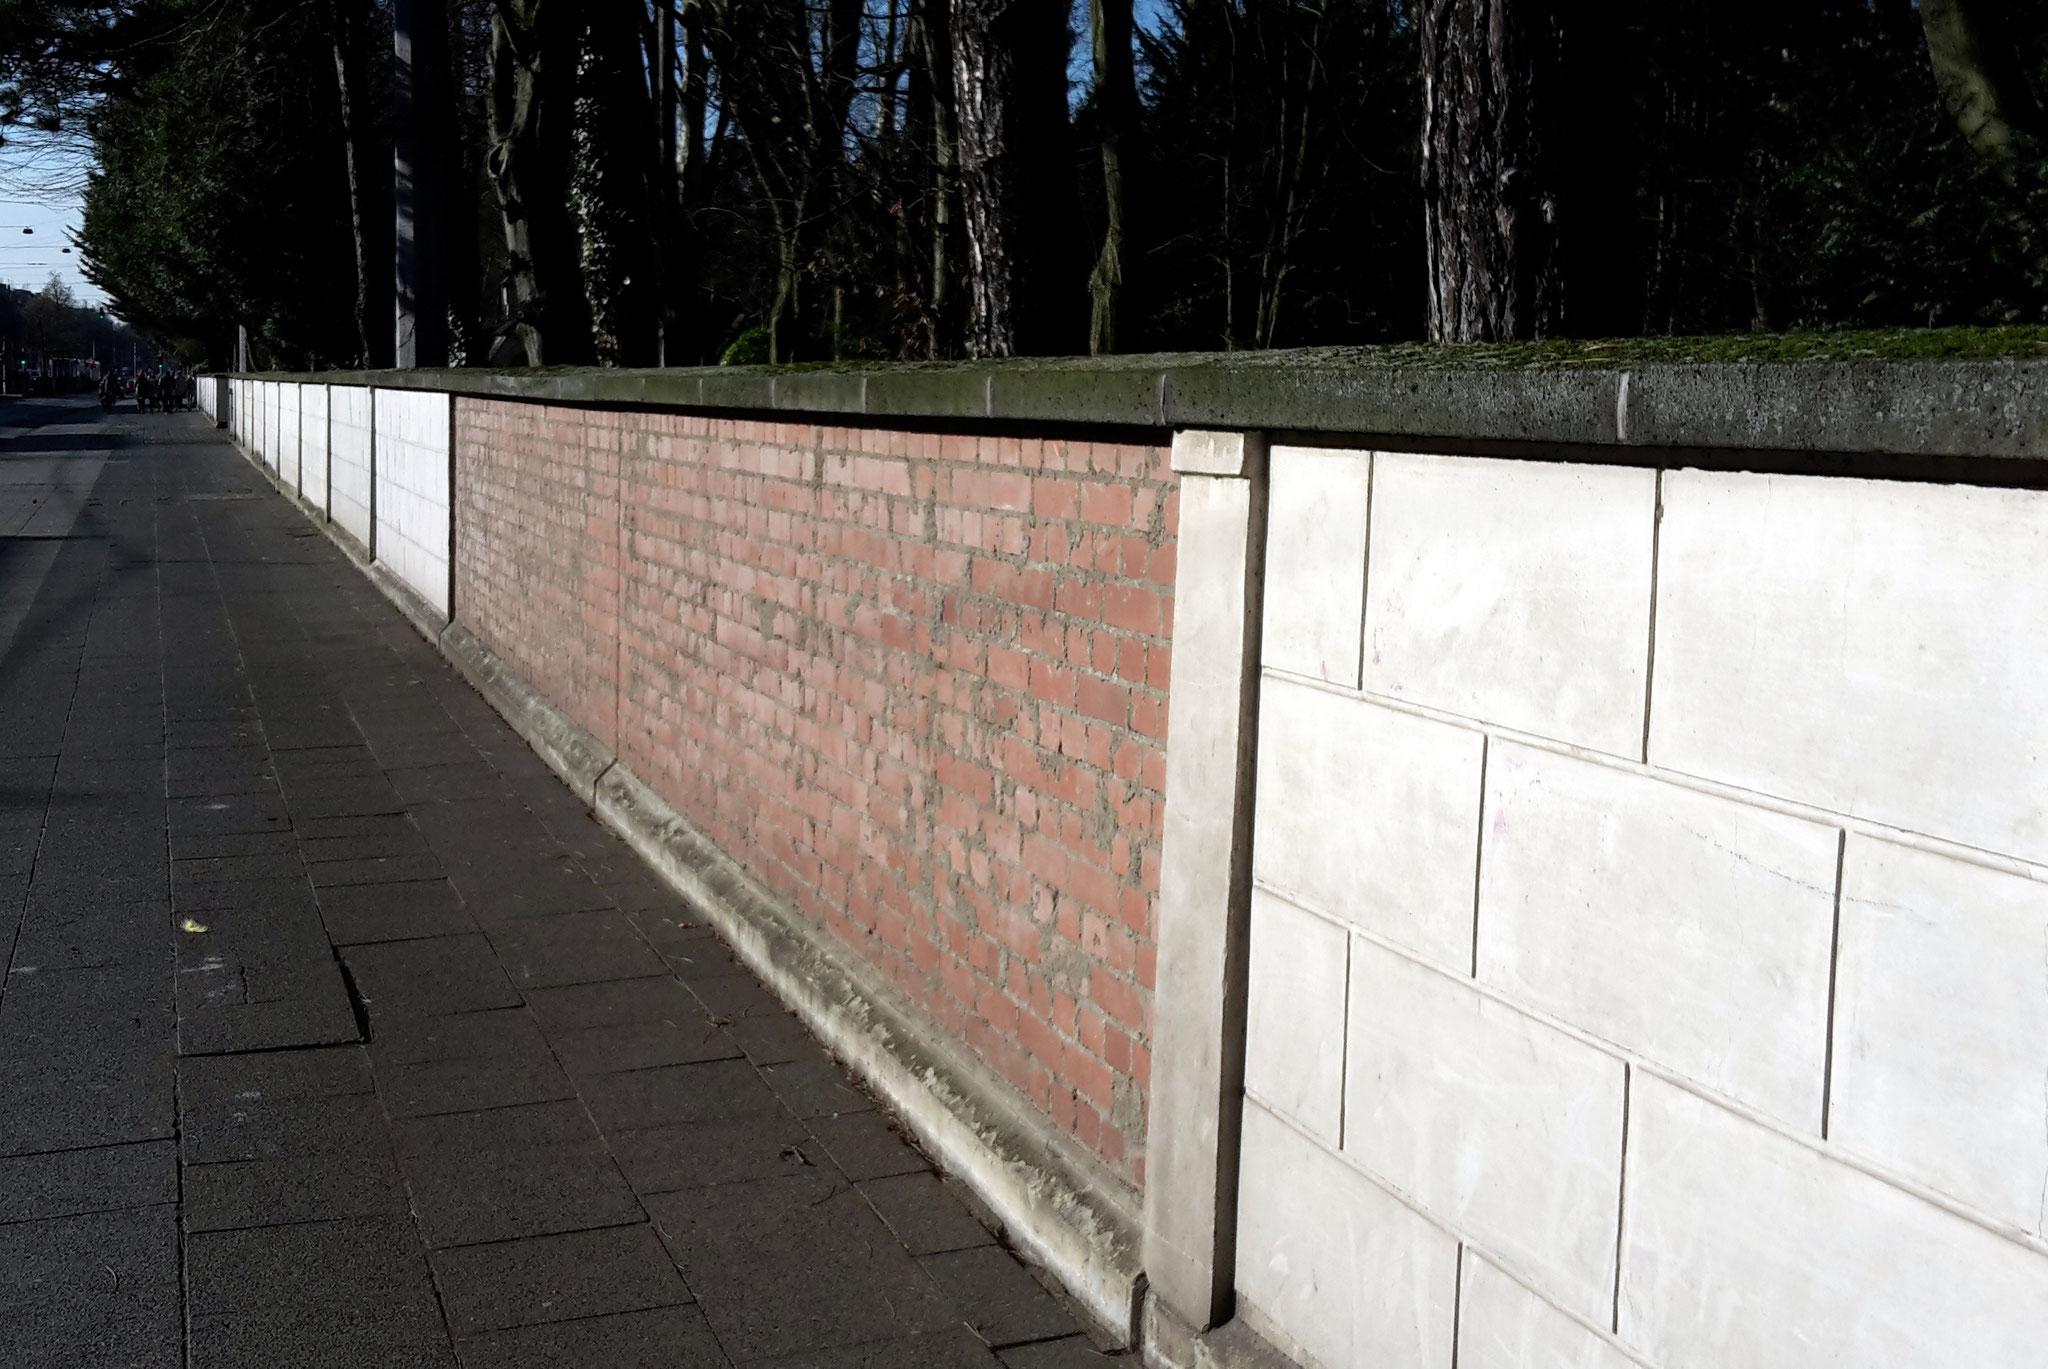 FÜHRUNG Melatenfriedhof - In der Friedhofsmauer der ehemalige Ausgang der Mechternstr.  auf die Aachenerstr.